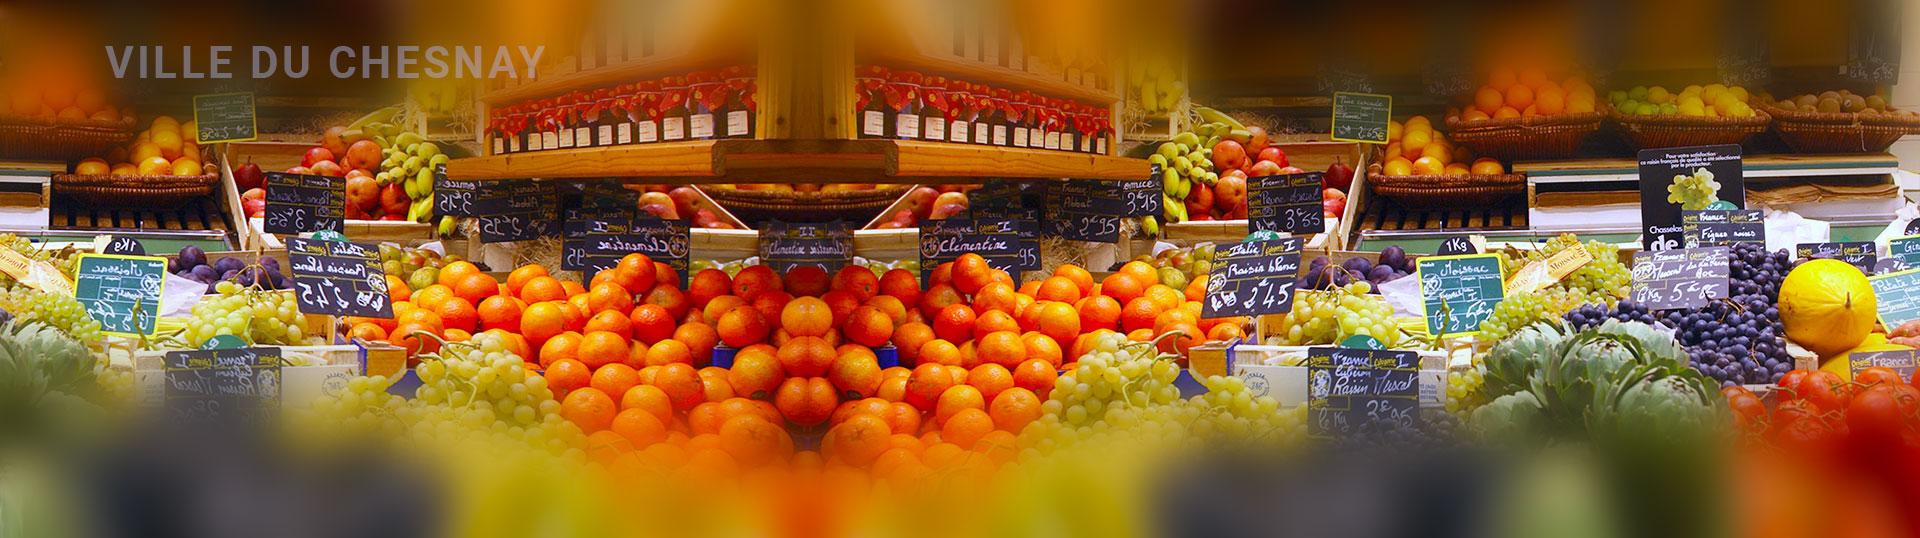 Le marché du Chesnay